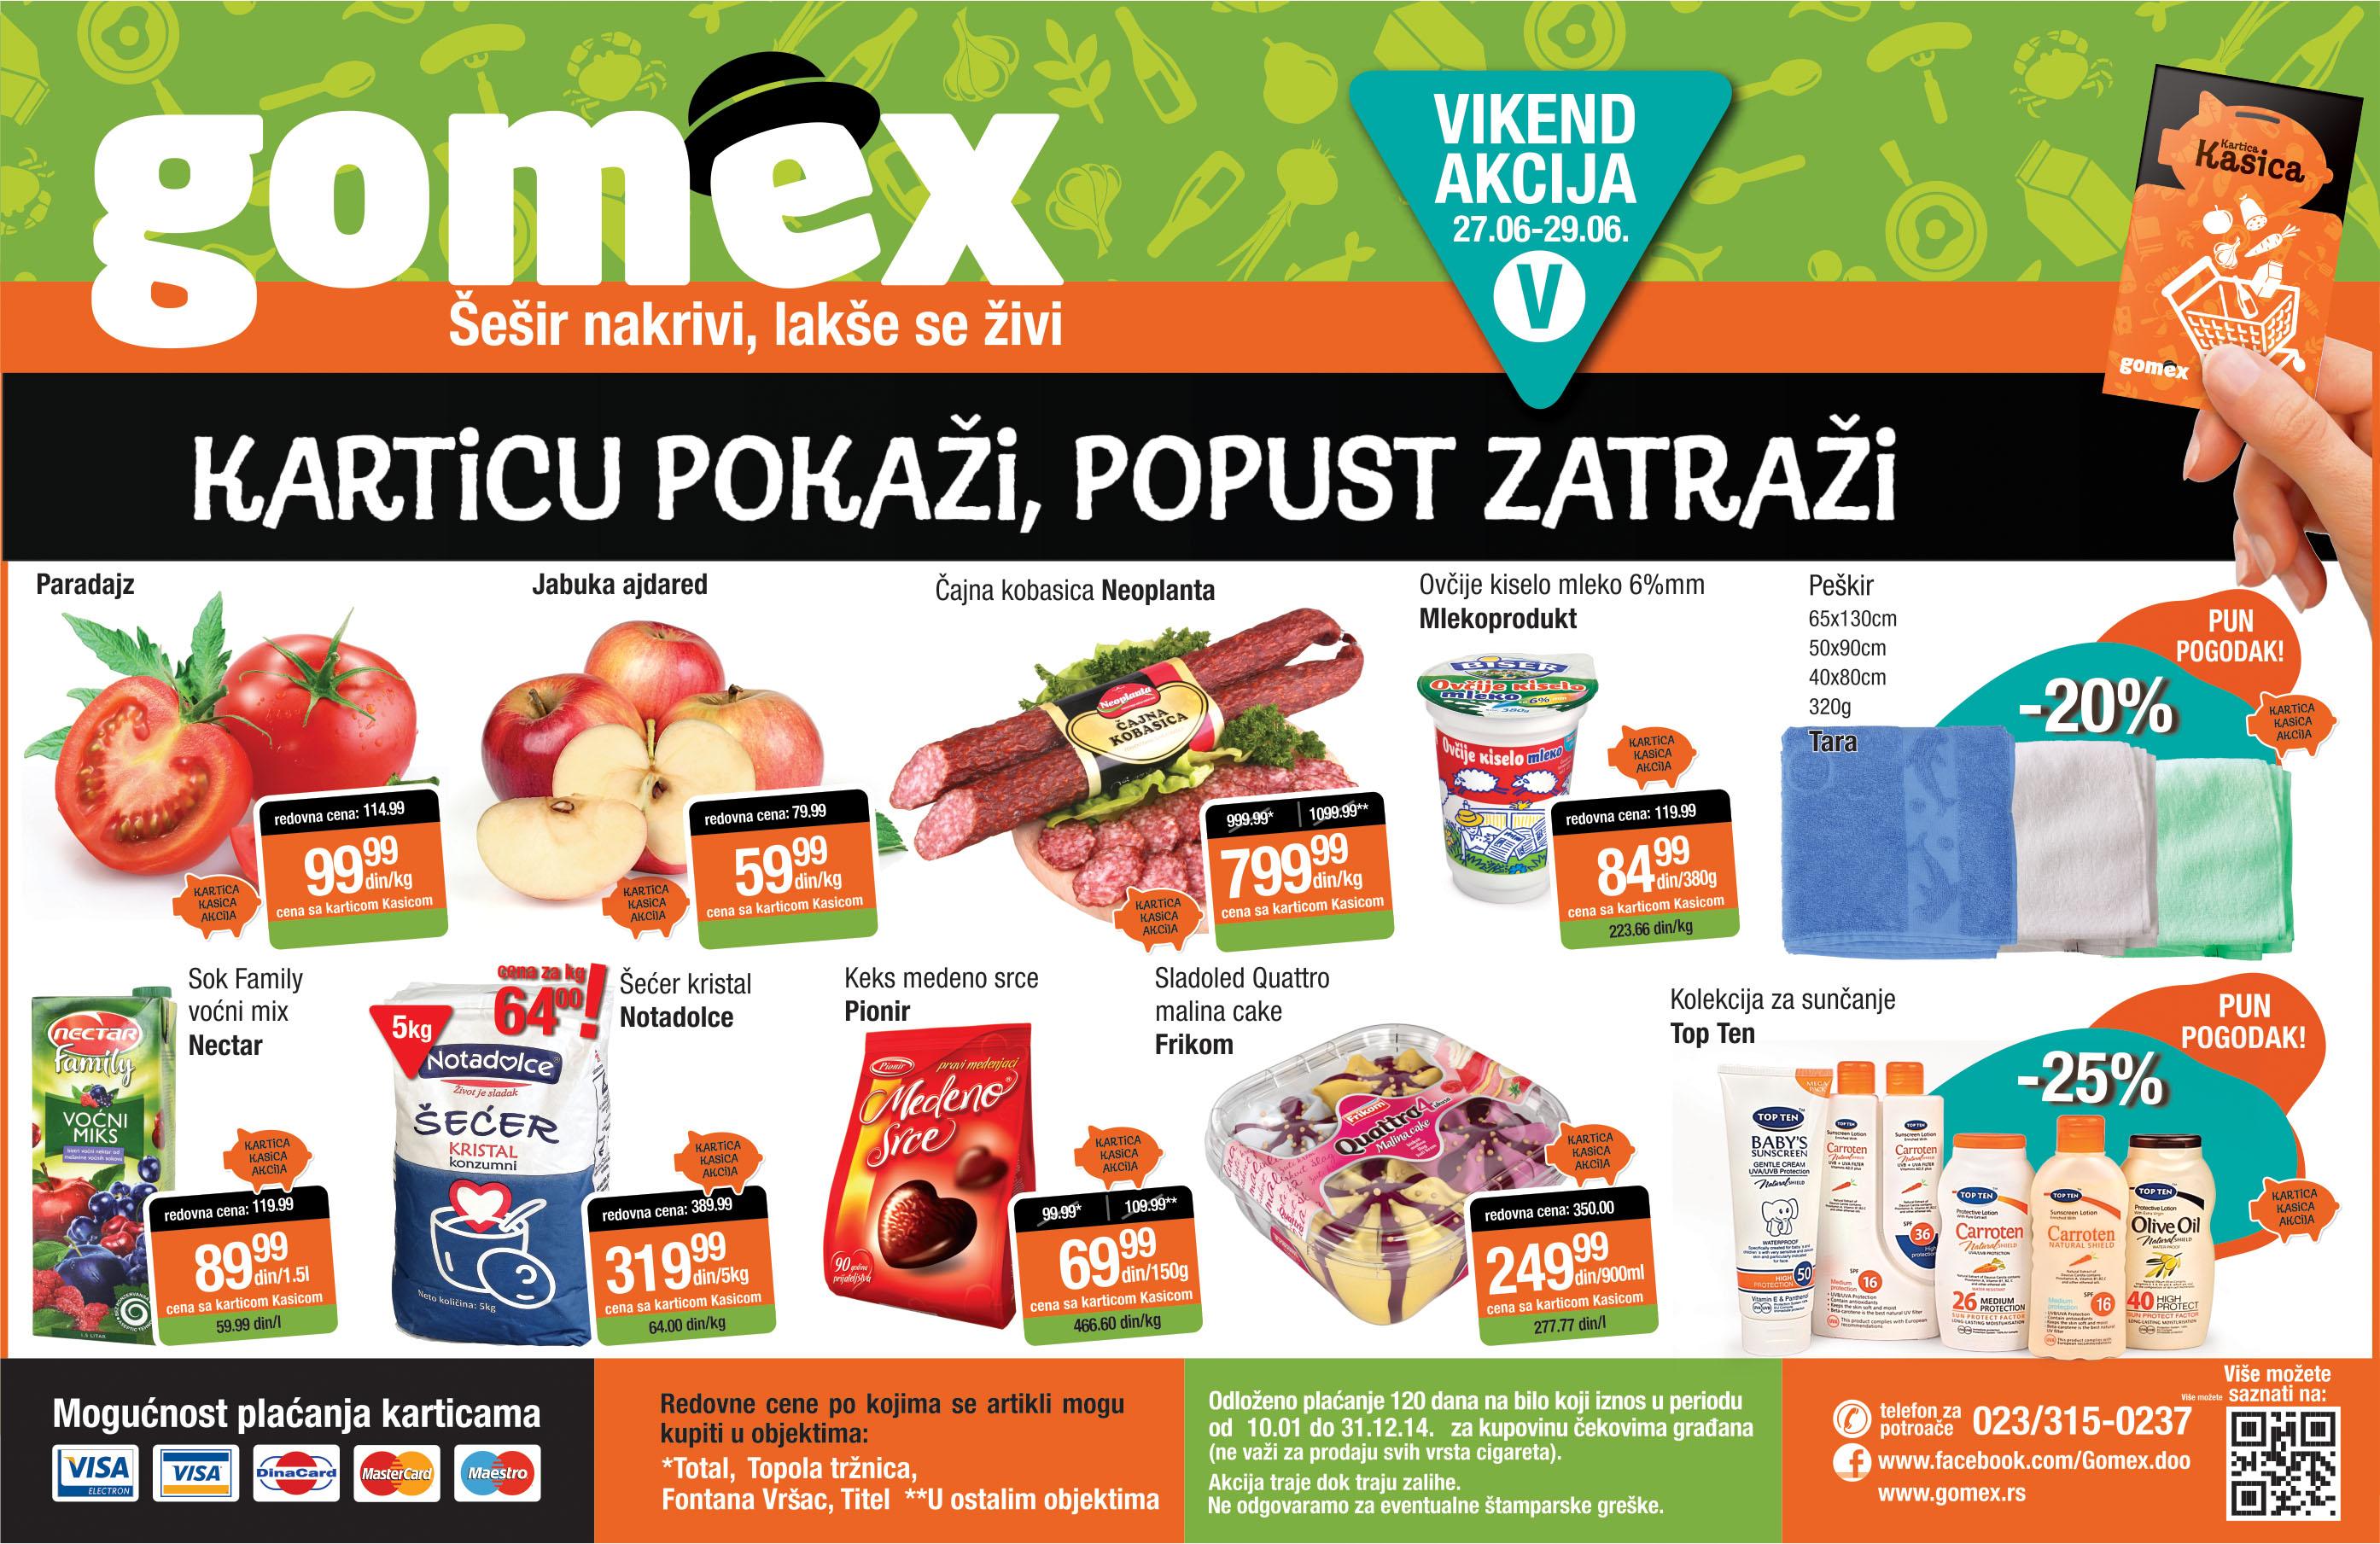 Gomex akcija vikend dobre ponude